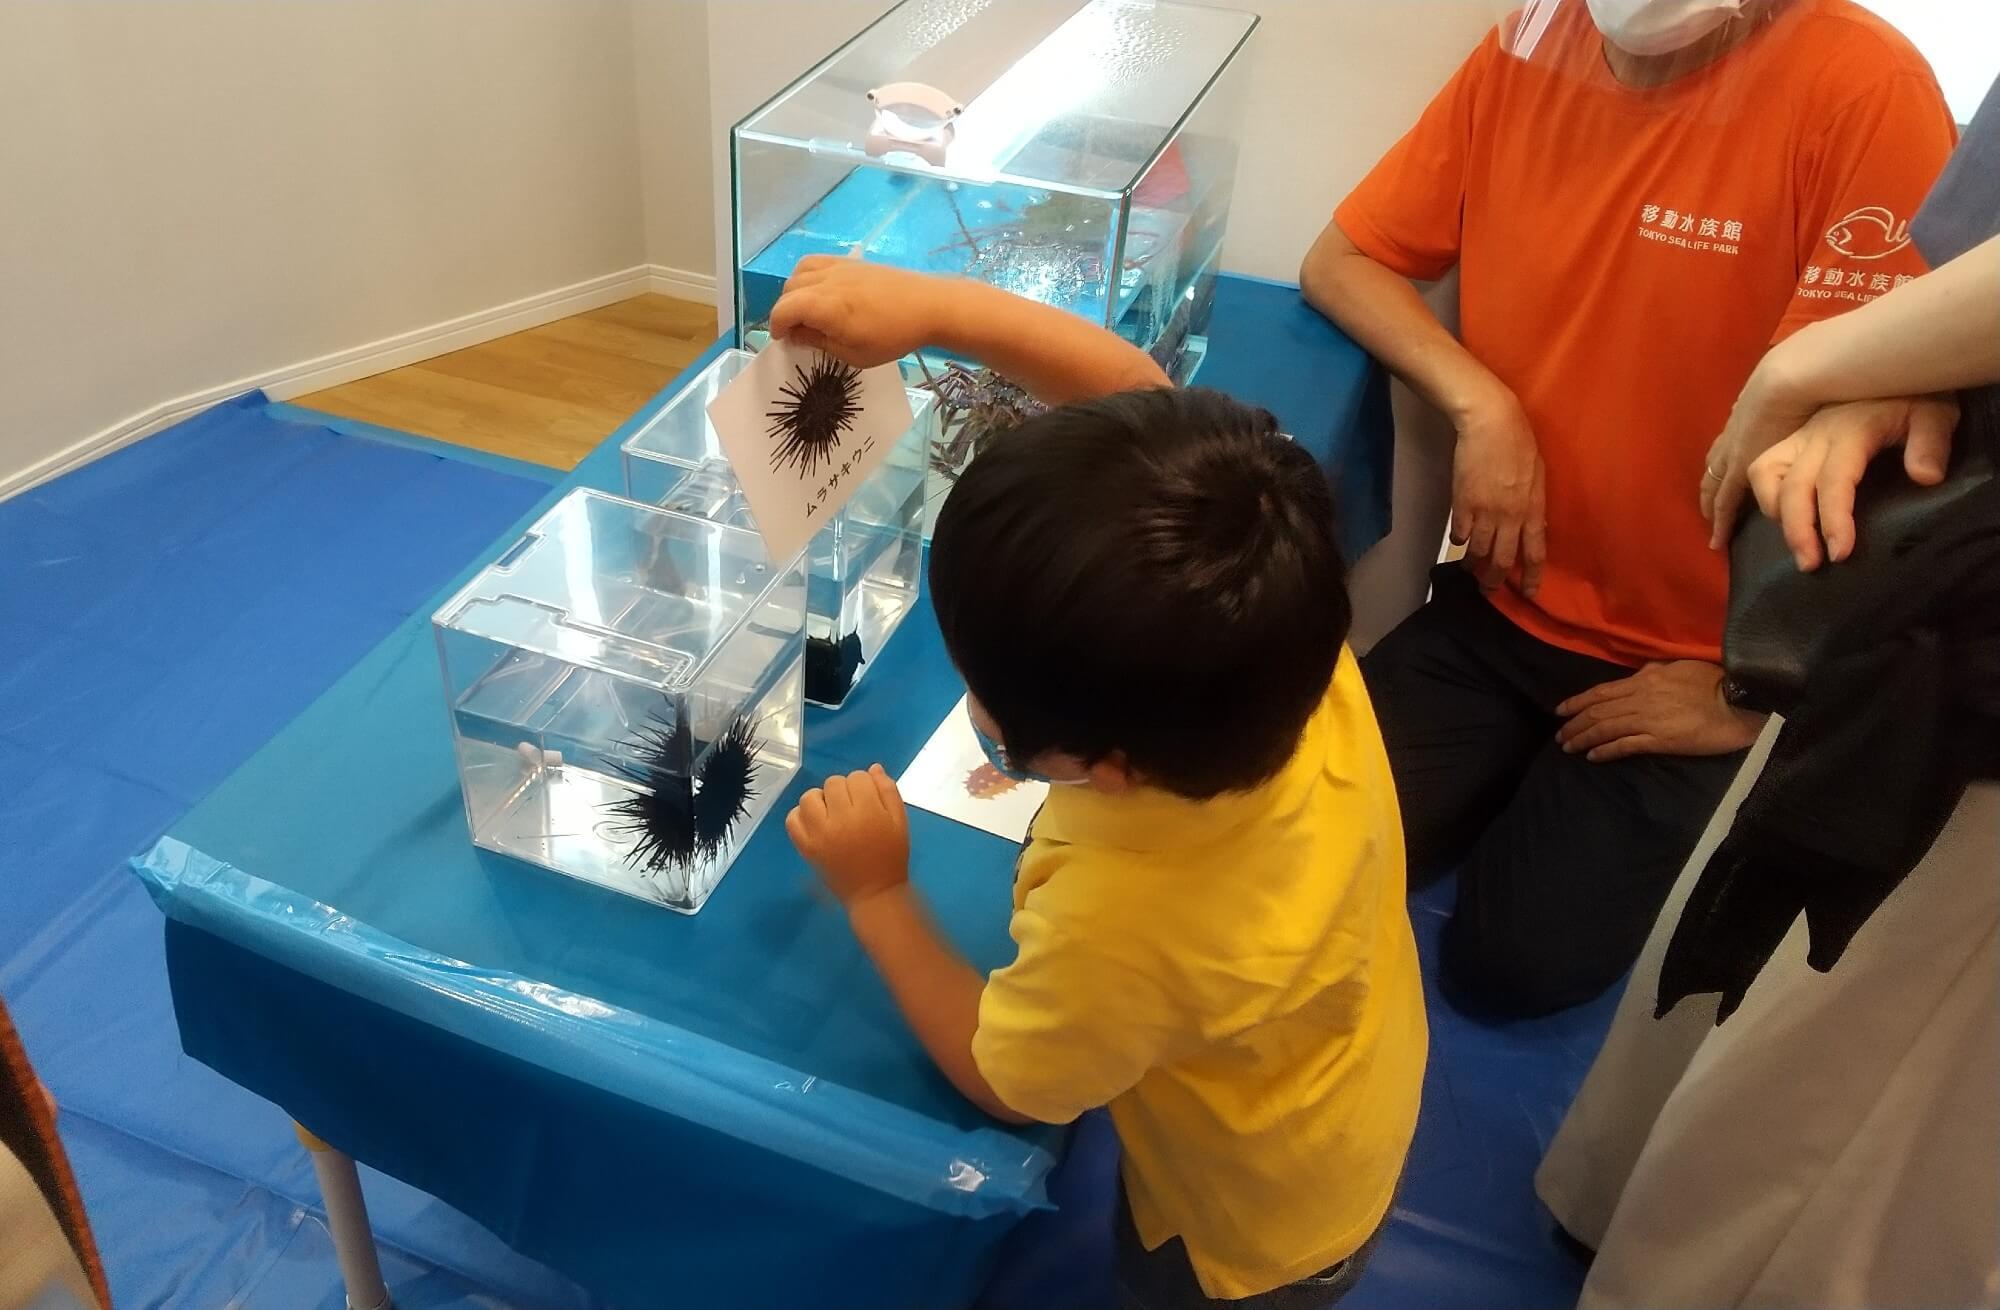 ウニの水槽